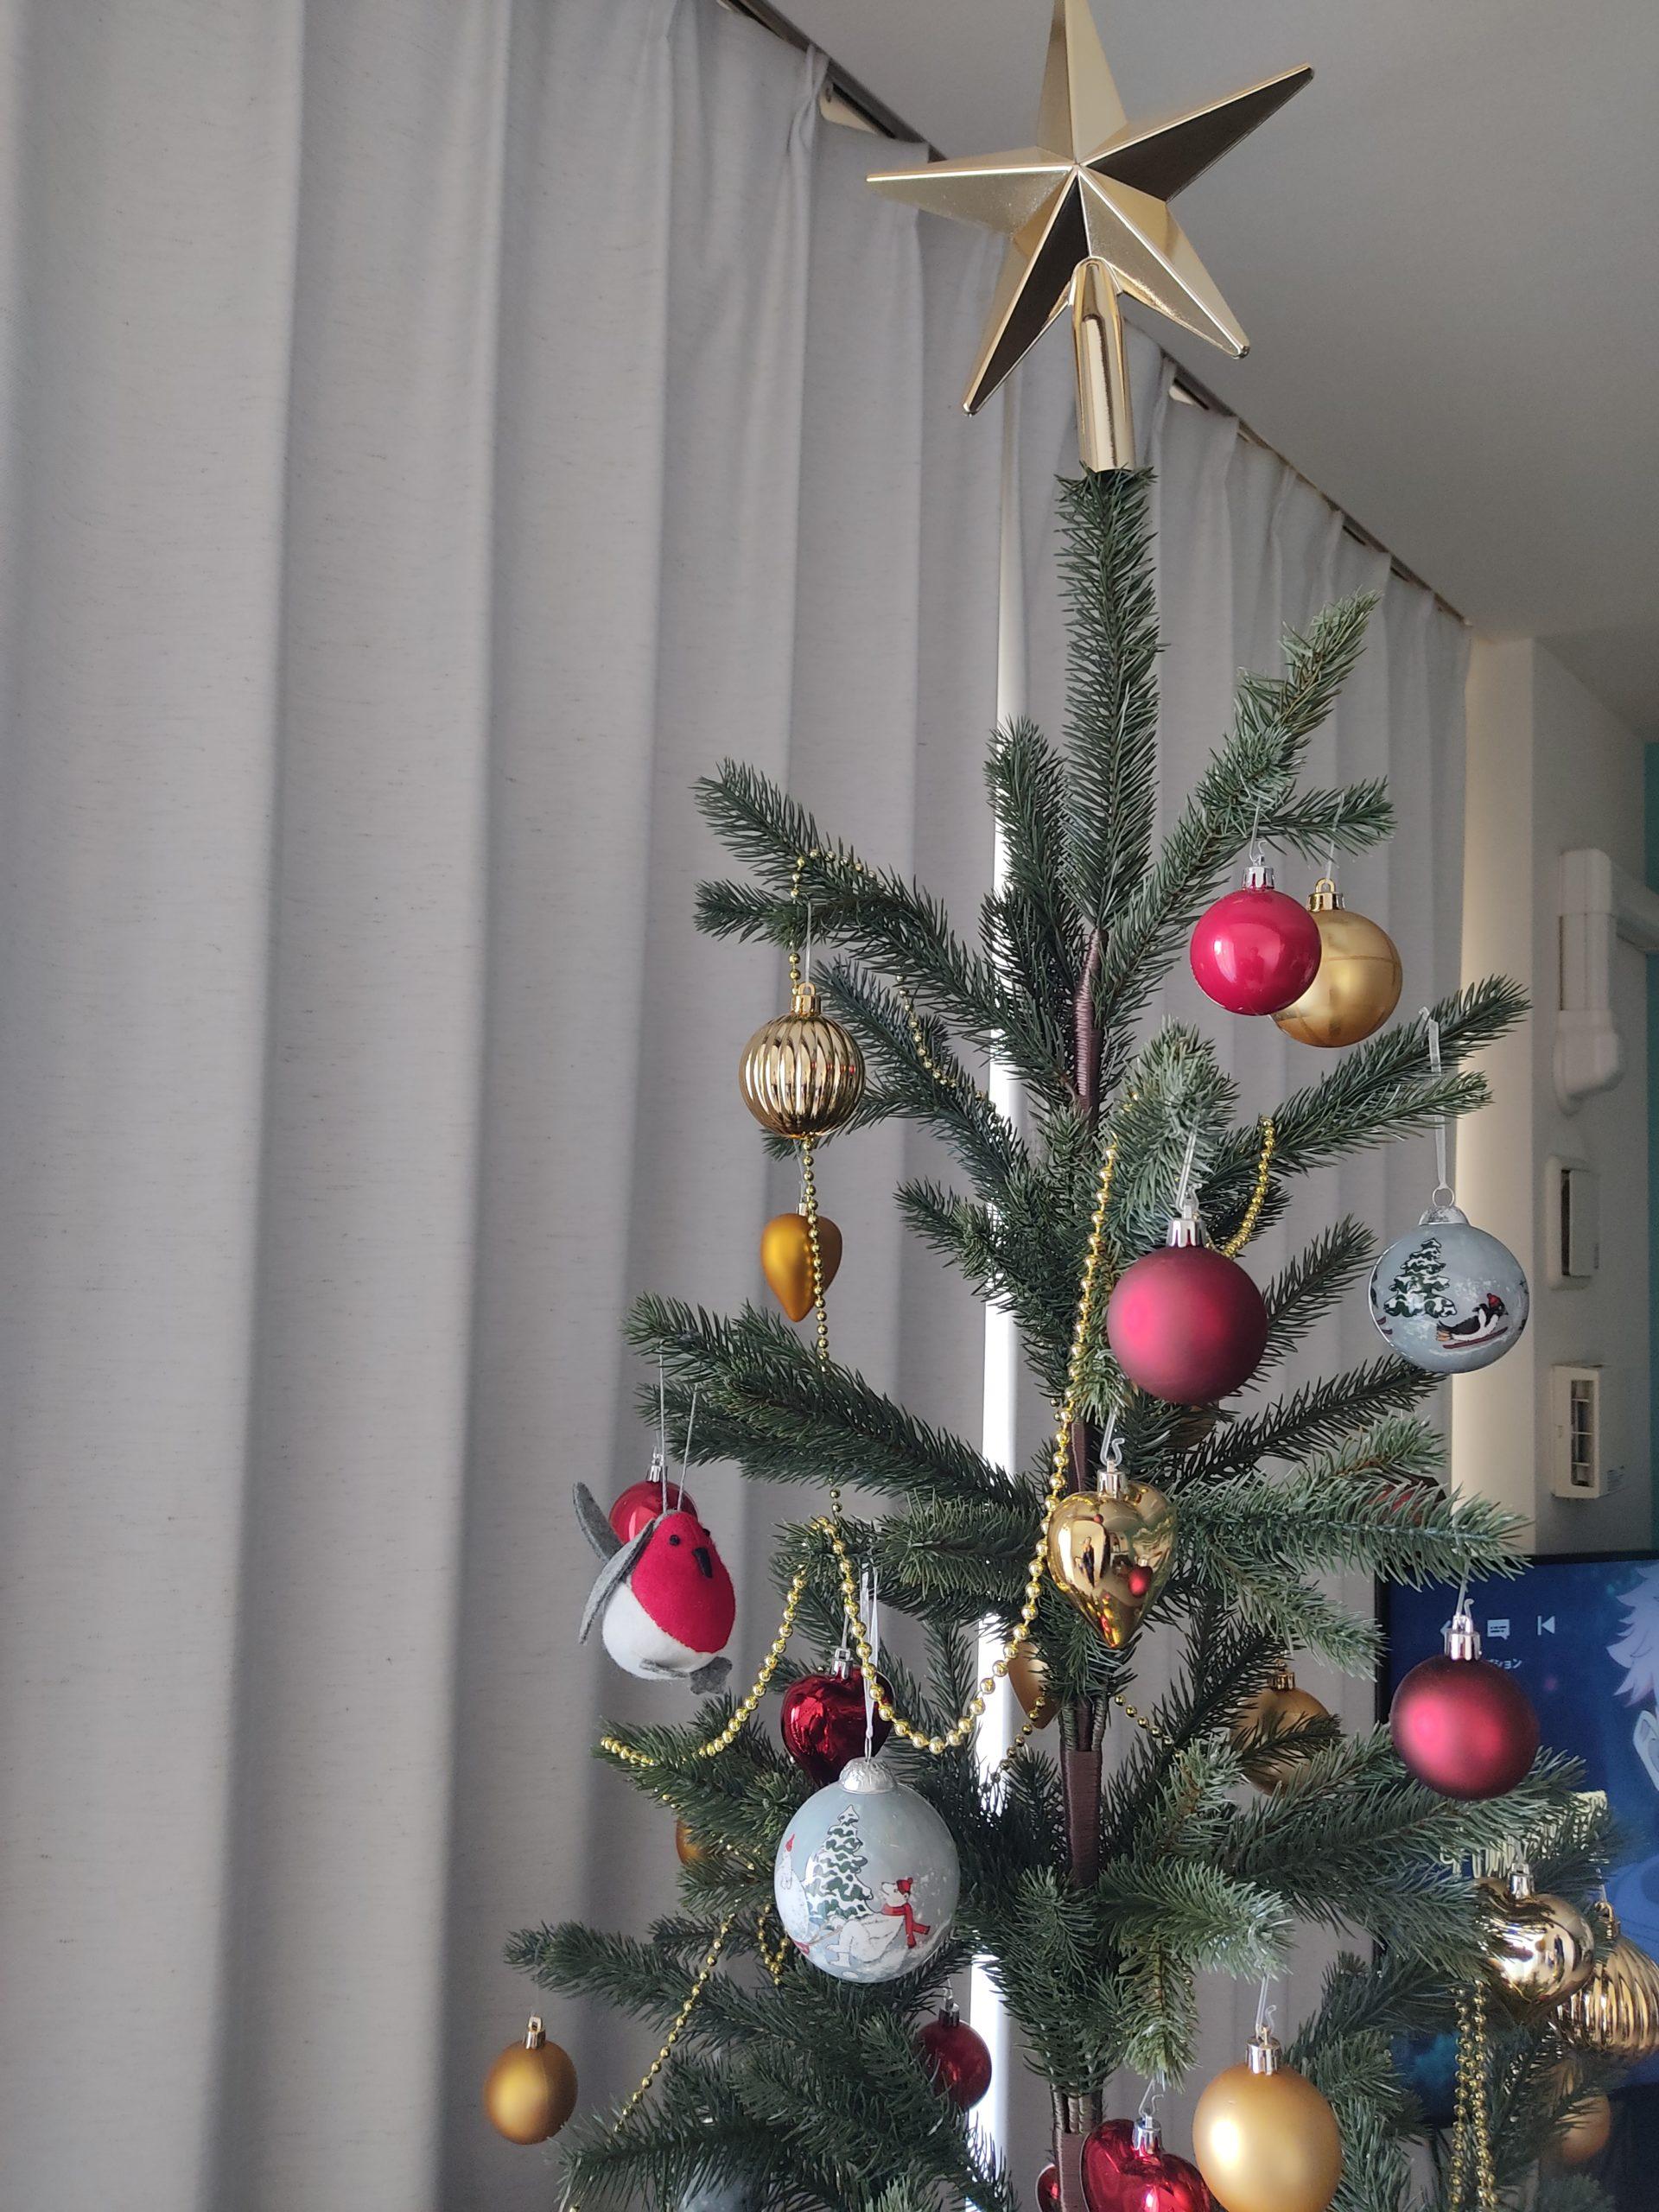 IKEAクリスマスツリー